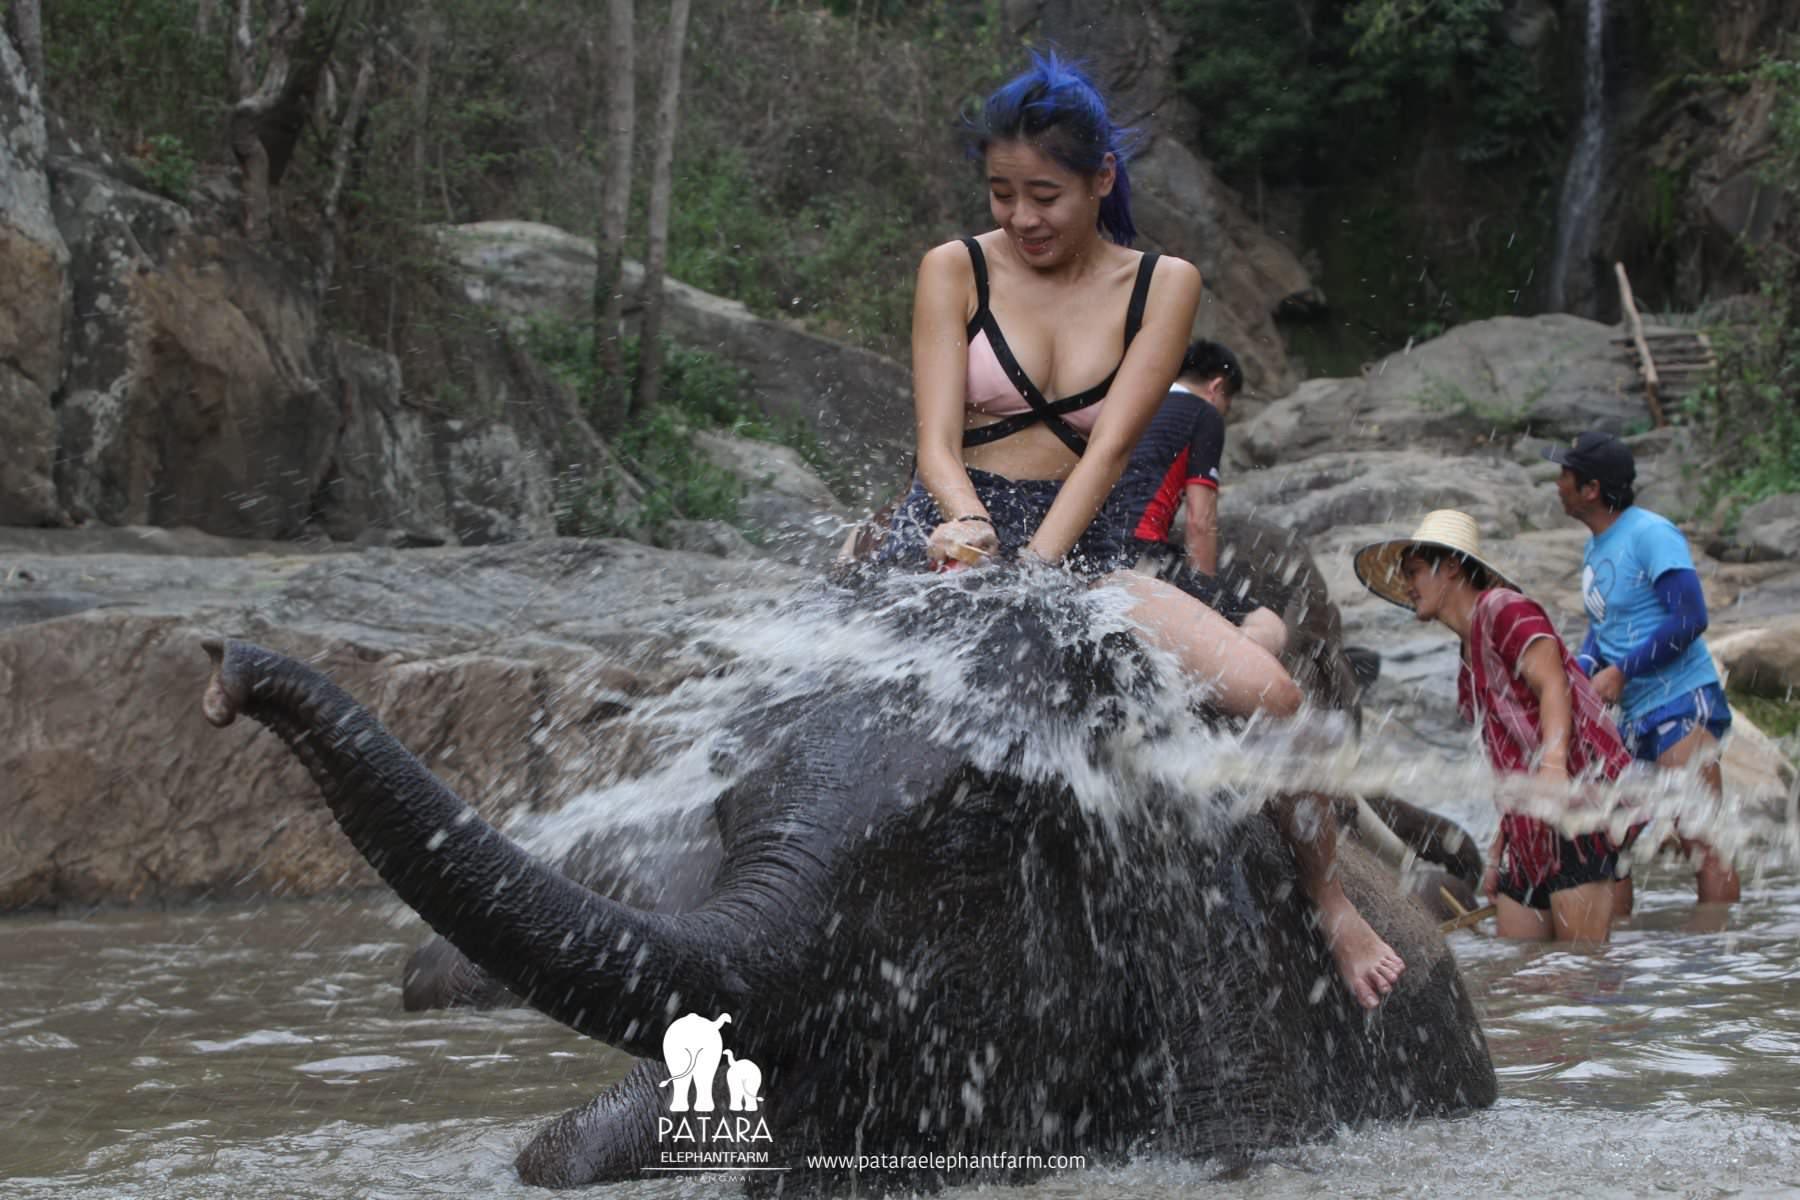 PataraElephantFarm-ChiangMai-Bath